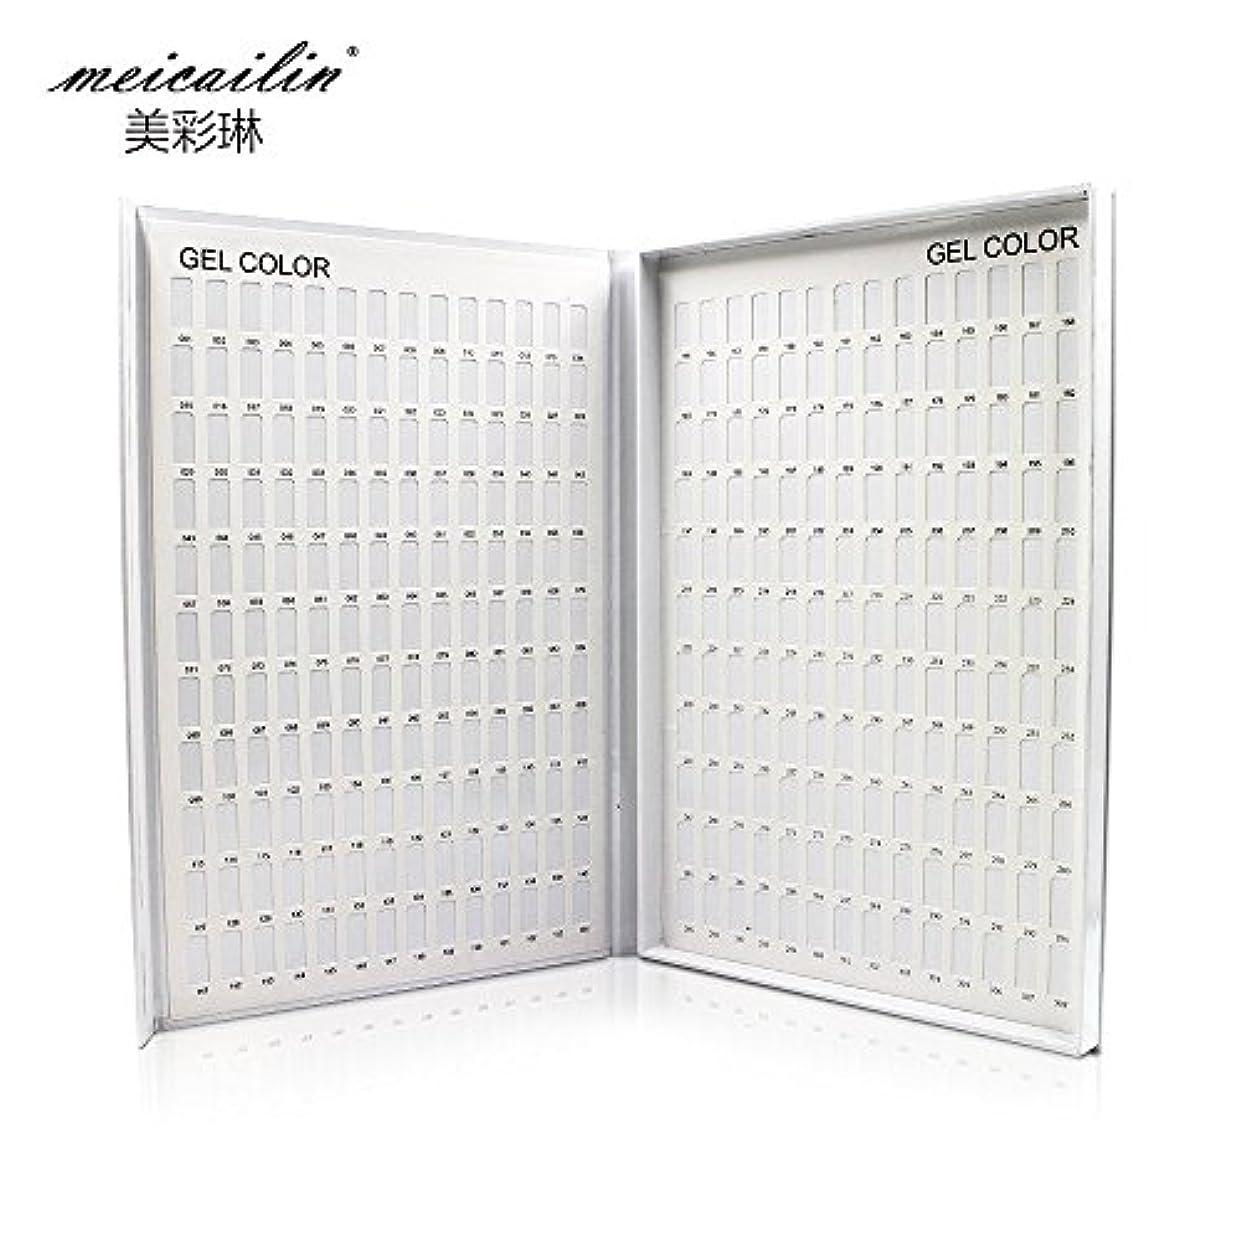 ジャンクション大胆なヘルシーシンディー ネイルアートカラーチャートブック 色見本 サンプル帳 ホワイト 308色